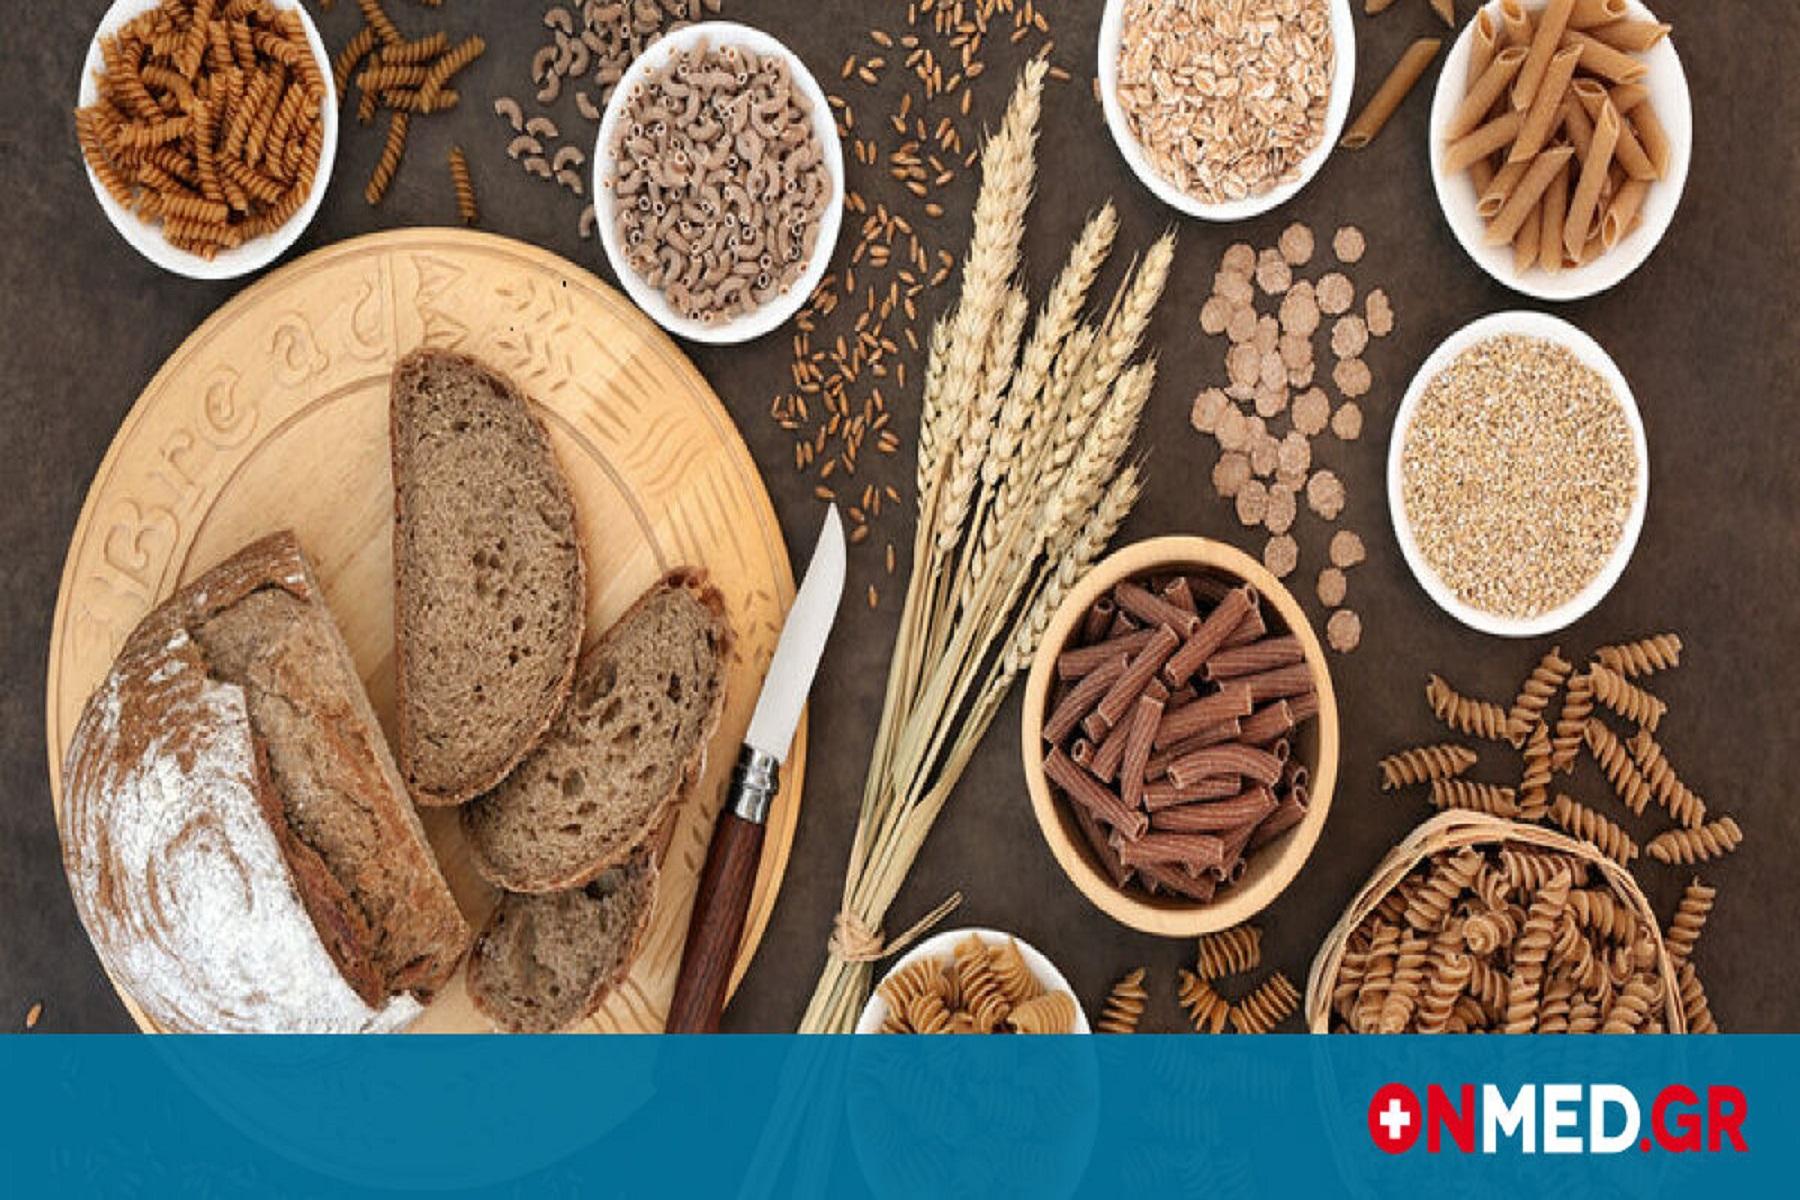 Συνήθειες Υγεία: Διατροφική ρουτίνα που μας αποδυναμώνει